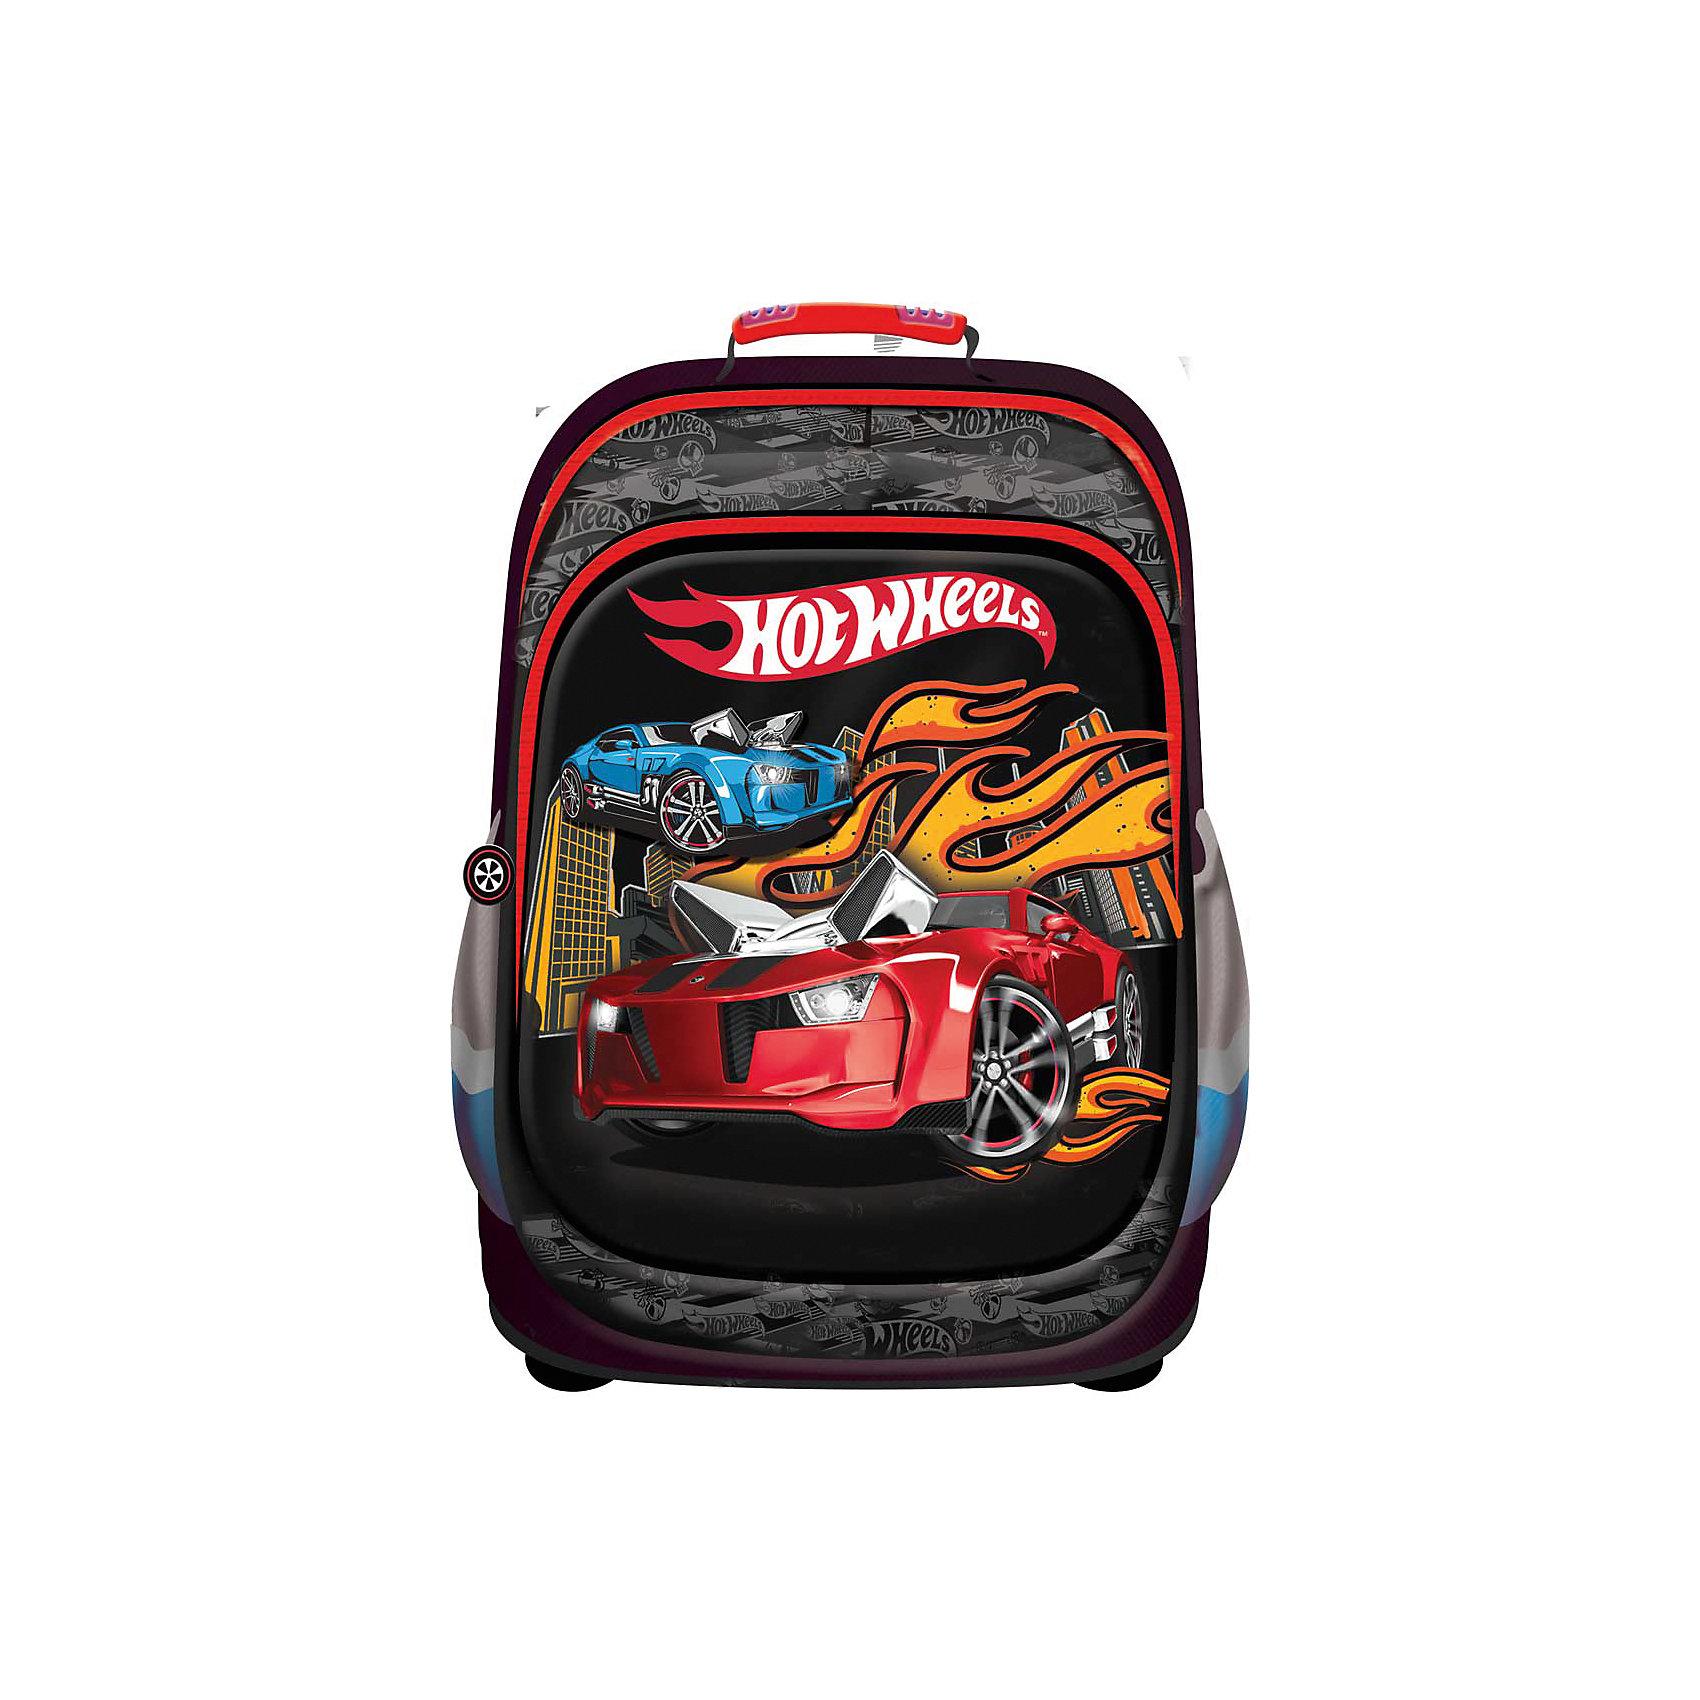 Ортопедический рюкзак Nice bag, Hot WheelsОртопедический рюкзак Nice bag, Hot Wheels (Хот Вилс) – этот удобный рюкзак станет незаменимым спутником вашего ребенка.<br>Ортопедический рюкзак Nice bag, Hot Wheels (Хот Вилс) - это более мягкий, по сравнению с ранцем, эргономичный текстильный школьный рюкзак, обладающий оригинальным дизайном и большой вместительностью. Благодаря уплотненной вентилируемой спинке позвоночник ребенка не будет испытывать больших нагрузок во время эксплуатации рюкзака. Широкие уплотненные регулируемые лямки позволяют адаптировать рюкзак к изменению роста ребенка. Рюкзак имеет два отделения, закрывающиеся на застежки-молнии, боковые карманы. Бегунки застежек-молний украшены брелоками. Жесткое дно оборудовано ножками для защиты от загрязнений. Предусмотрена удобная ручка для переноски. Светоотражающие полосы сделают ребенка заметным на проезжей части в темное время суток и в сумерках.<br><br>Дополнительная информация:<br><br>- Размер упаковки: 40х12х33 см.<br>- Вес в упаковке: 790 гр.<br><br>Ортопедический рюкзак Nice bag, Hot Wheels (Хот Вилс) можно купить в нашем интернет-магазине.<br><br>Ширина мм: 400<br>Глубина мм: 120<br>Высота мм: 330<br>Вес г: 790<br>Возраст от месяцев: 48<br>Возраст до месяцев: 96<br>Пол: Мужской<br>Возраст: Детский<br>SKU: 4700024